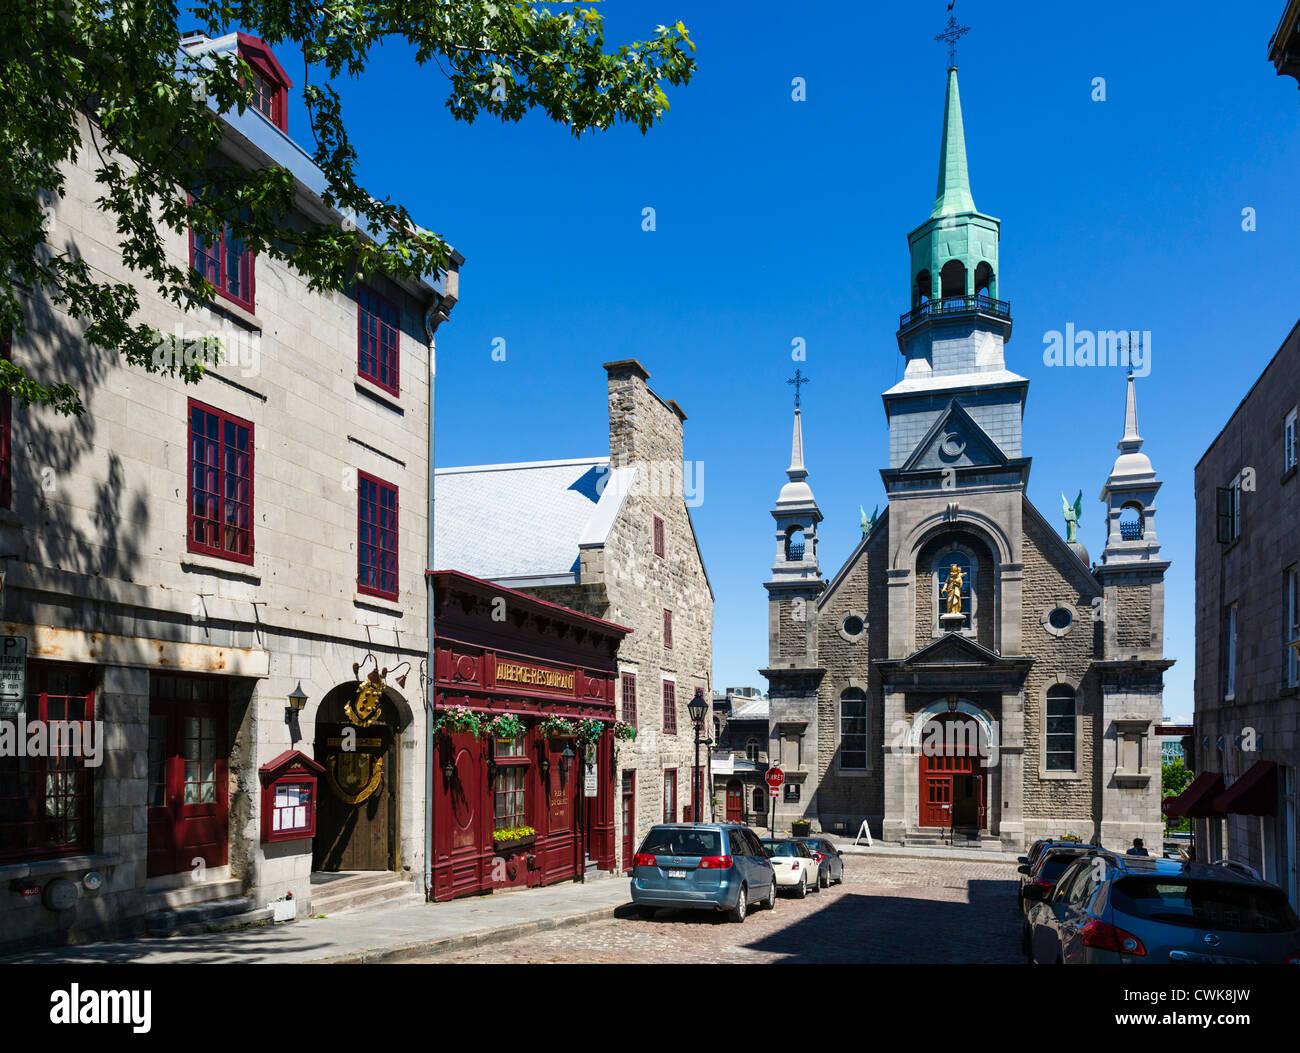 Ver abajo Bonsecours Calle a Notre-Dame-de Bon-Secours capilla con el Auberge Pierre du Calvet a izquierda, Vieux Foto de stock